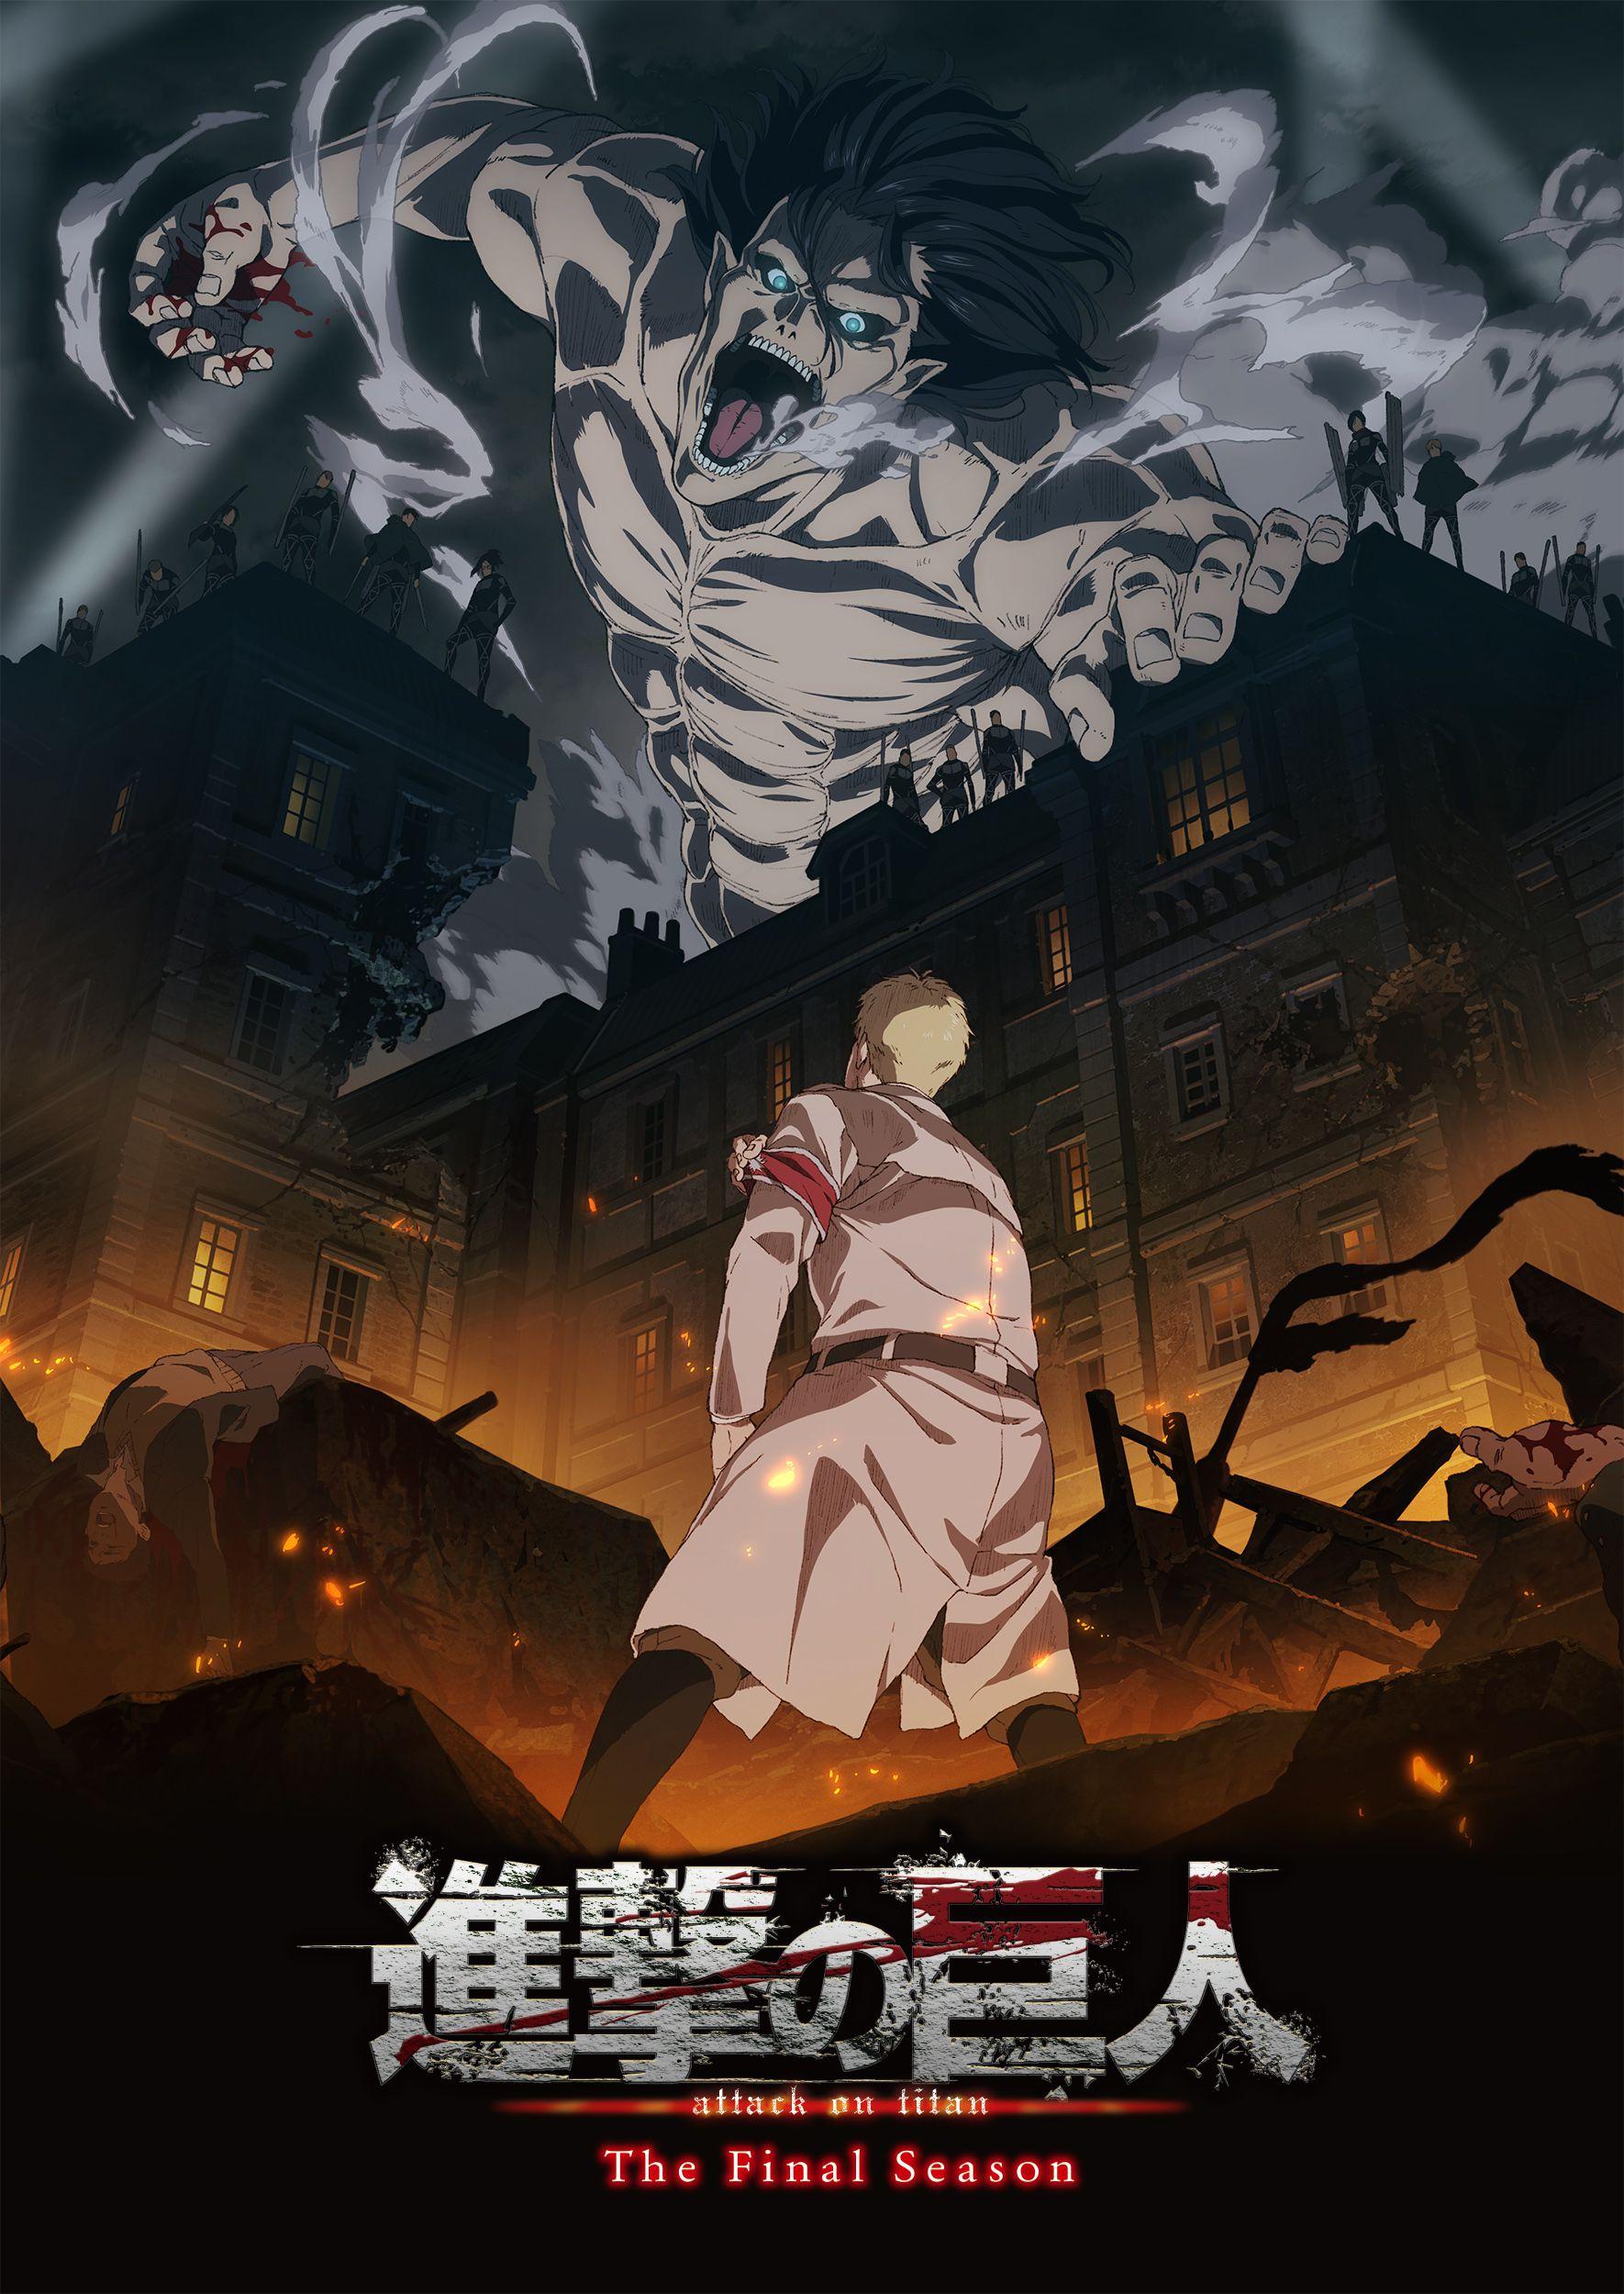 Final Season Key Visual Poster Jepang Ilustrasi Komik Gambar Karakter